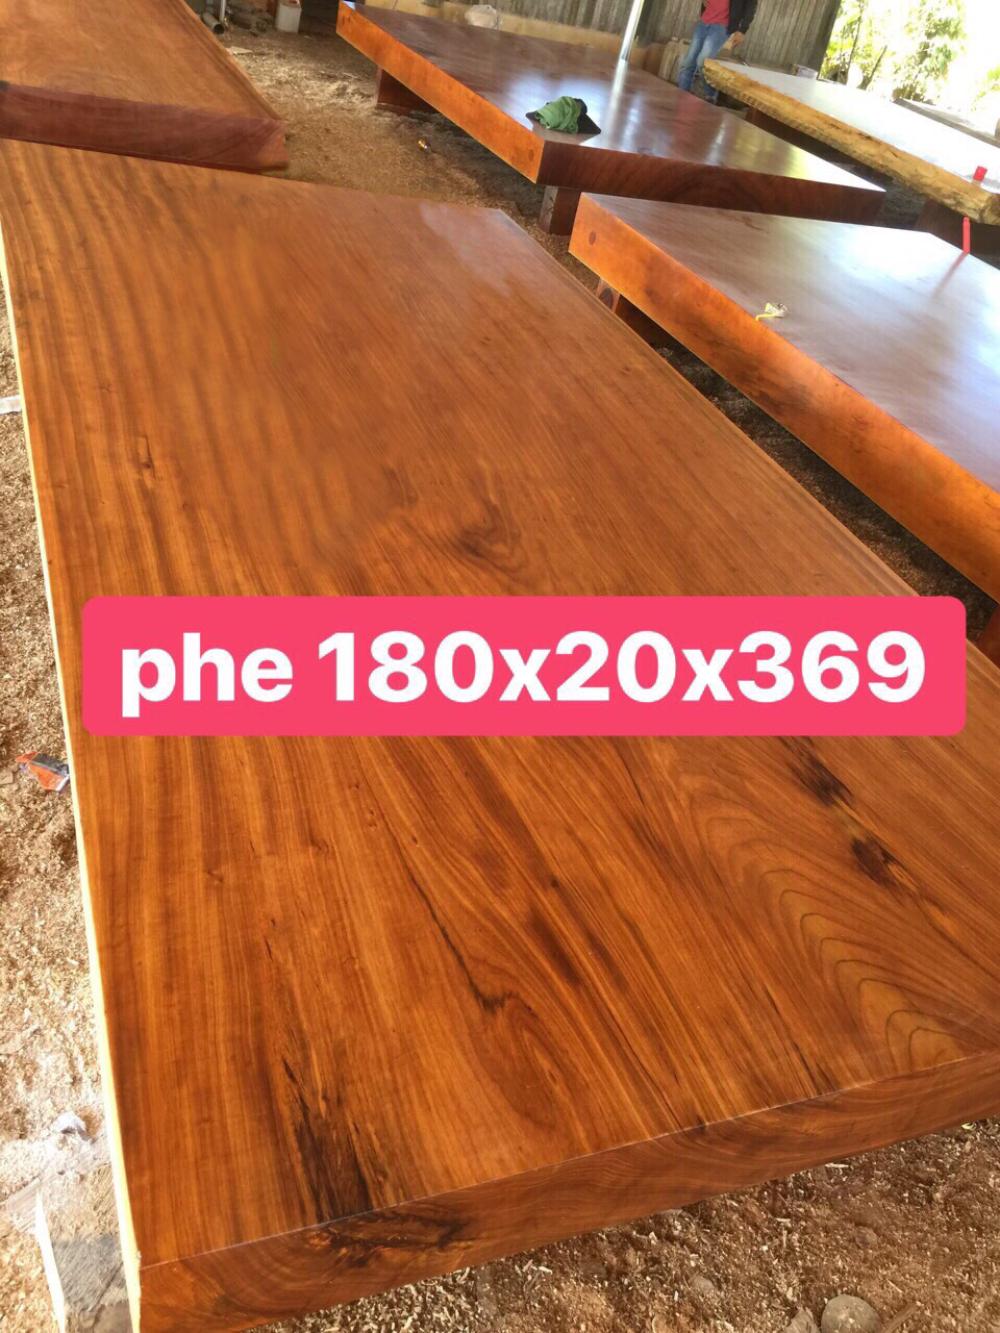 Sập gố cao cấp - gỗ cẩm hồng - 180 x 20 x 369cm - NL95 (1)Sập gố cao cấp - gỗ cẩm hồng - 180 x 20 x 369cm - NL95 (1)